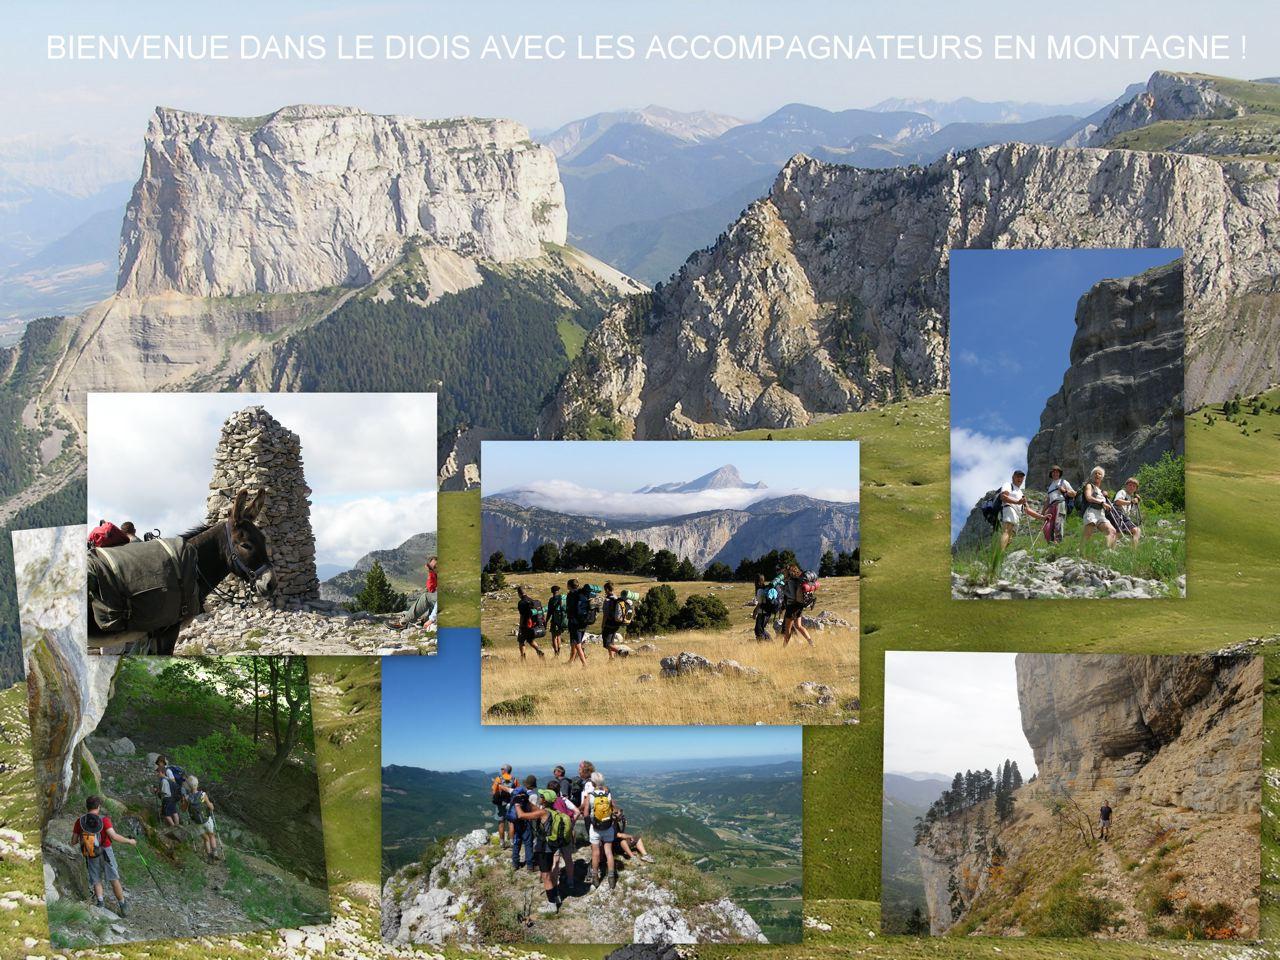 http://images.onlc.eu/randodioisNDD//12975476757.jpeg